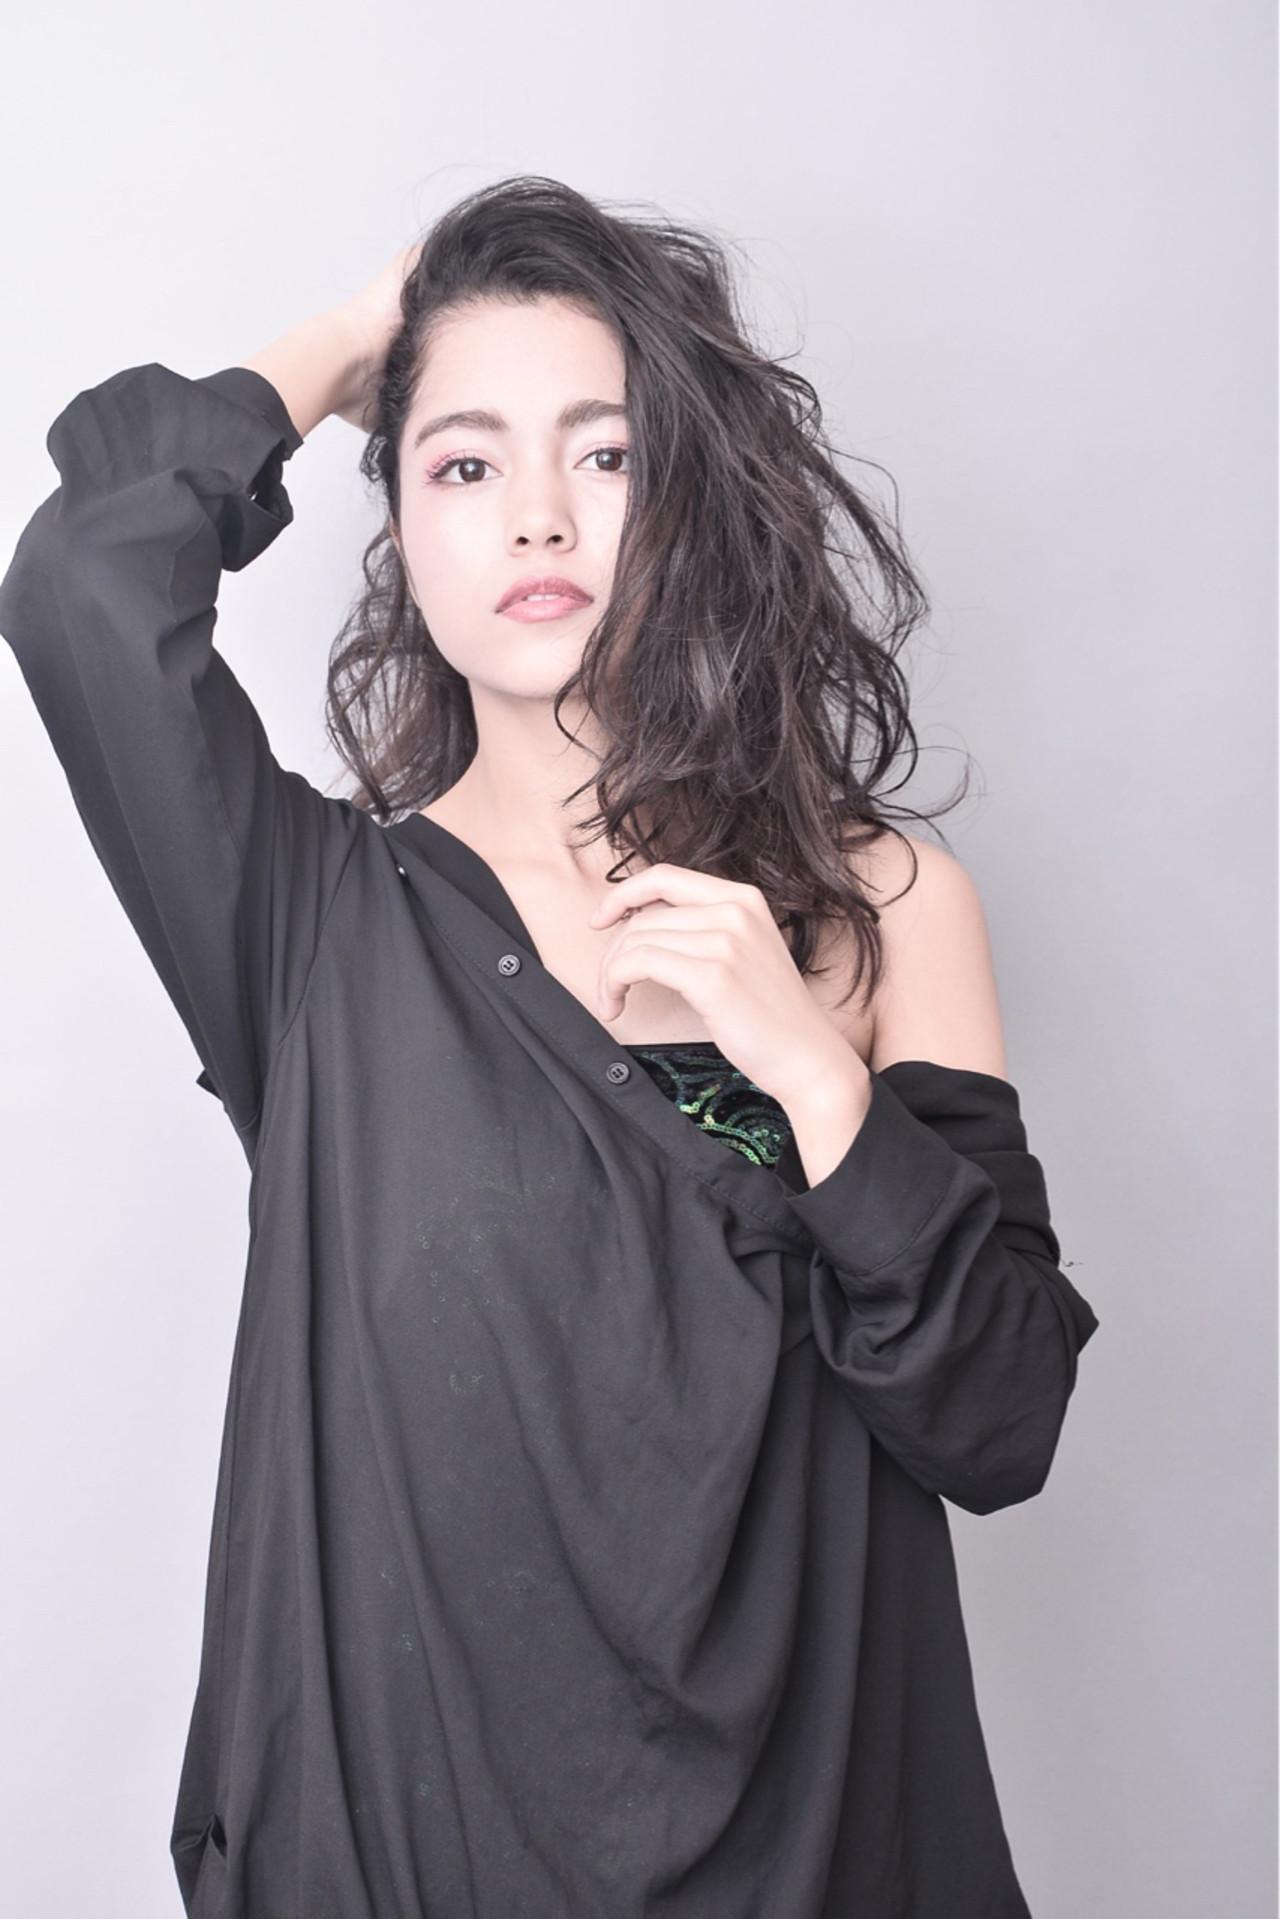 パーマ 暗髪 ニュアンス 外国人風 ヘアスタイルや髪型の写真・画像